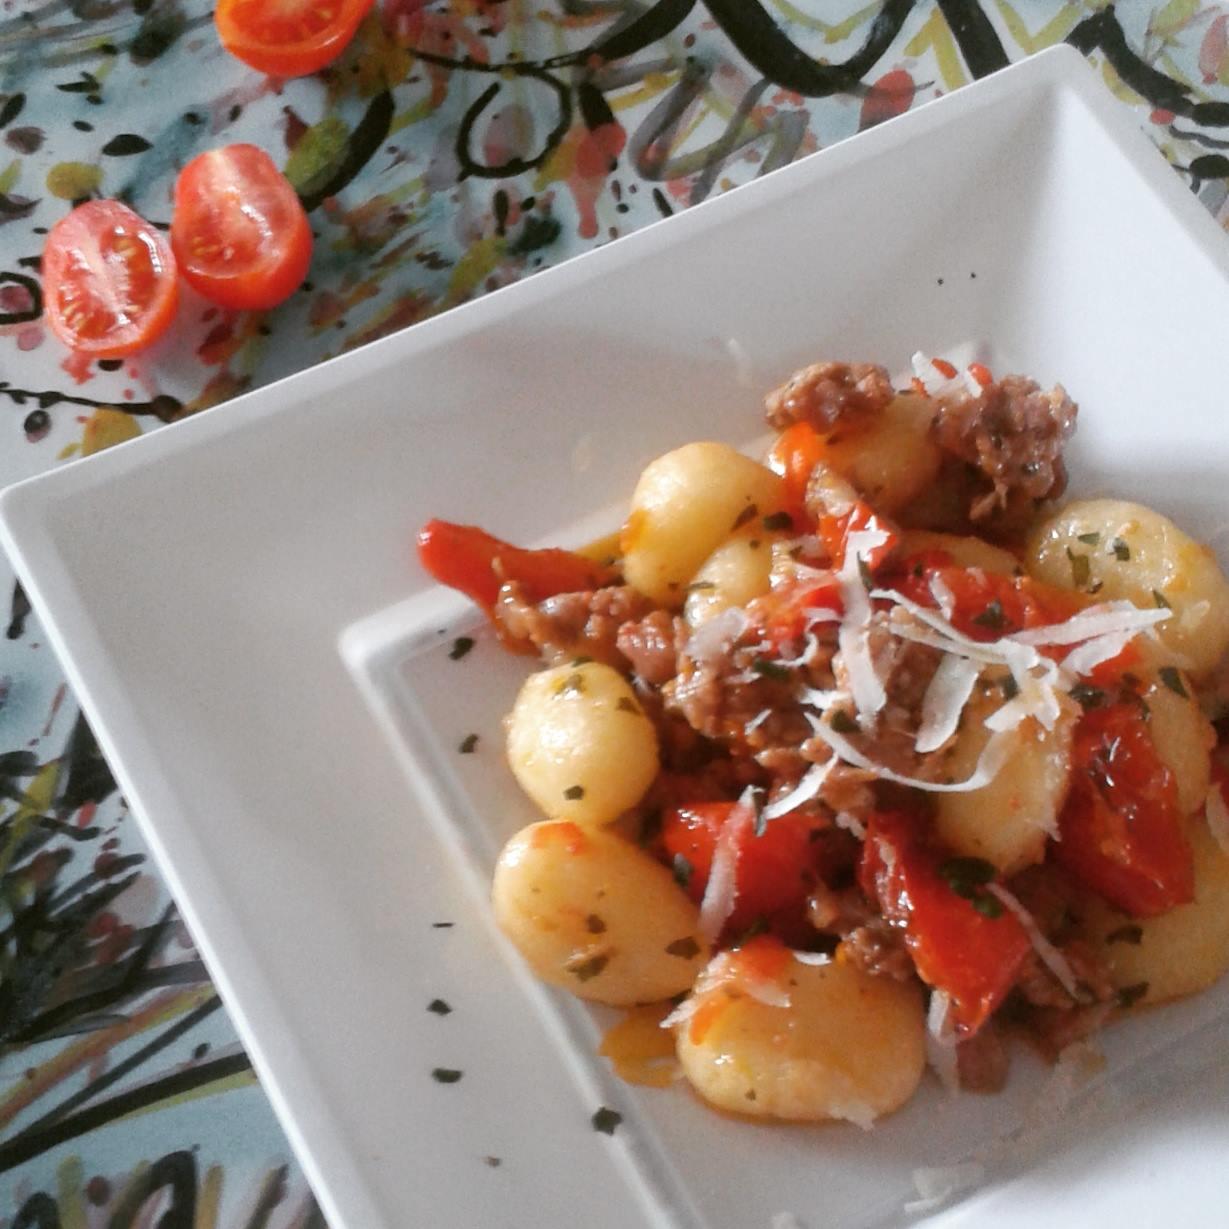 Ricetta Gnocchi Con Ricotta Salata.Gnocchi Di Patate Con Pomodori Datterino Ricotta Salata E Salsiccia